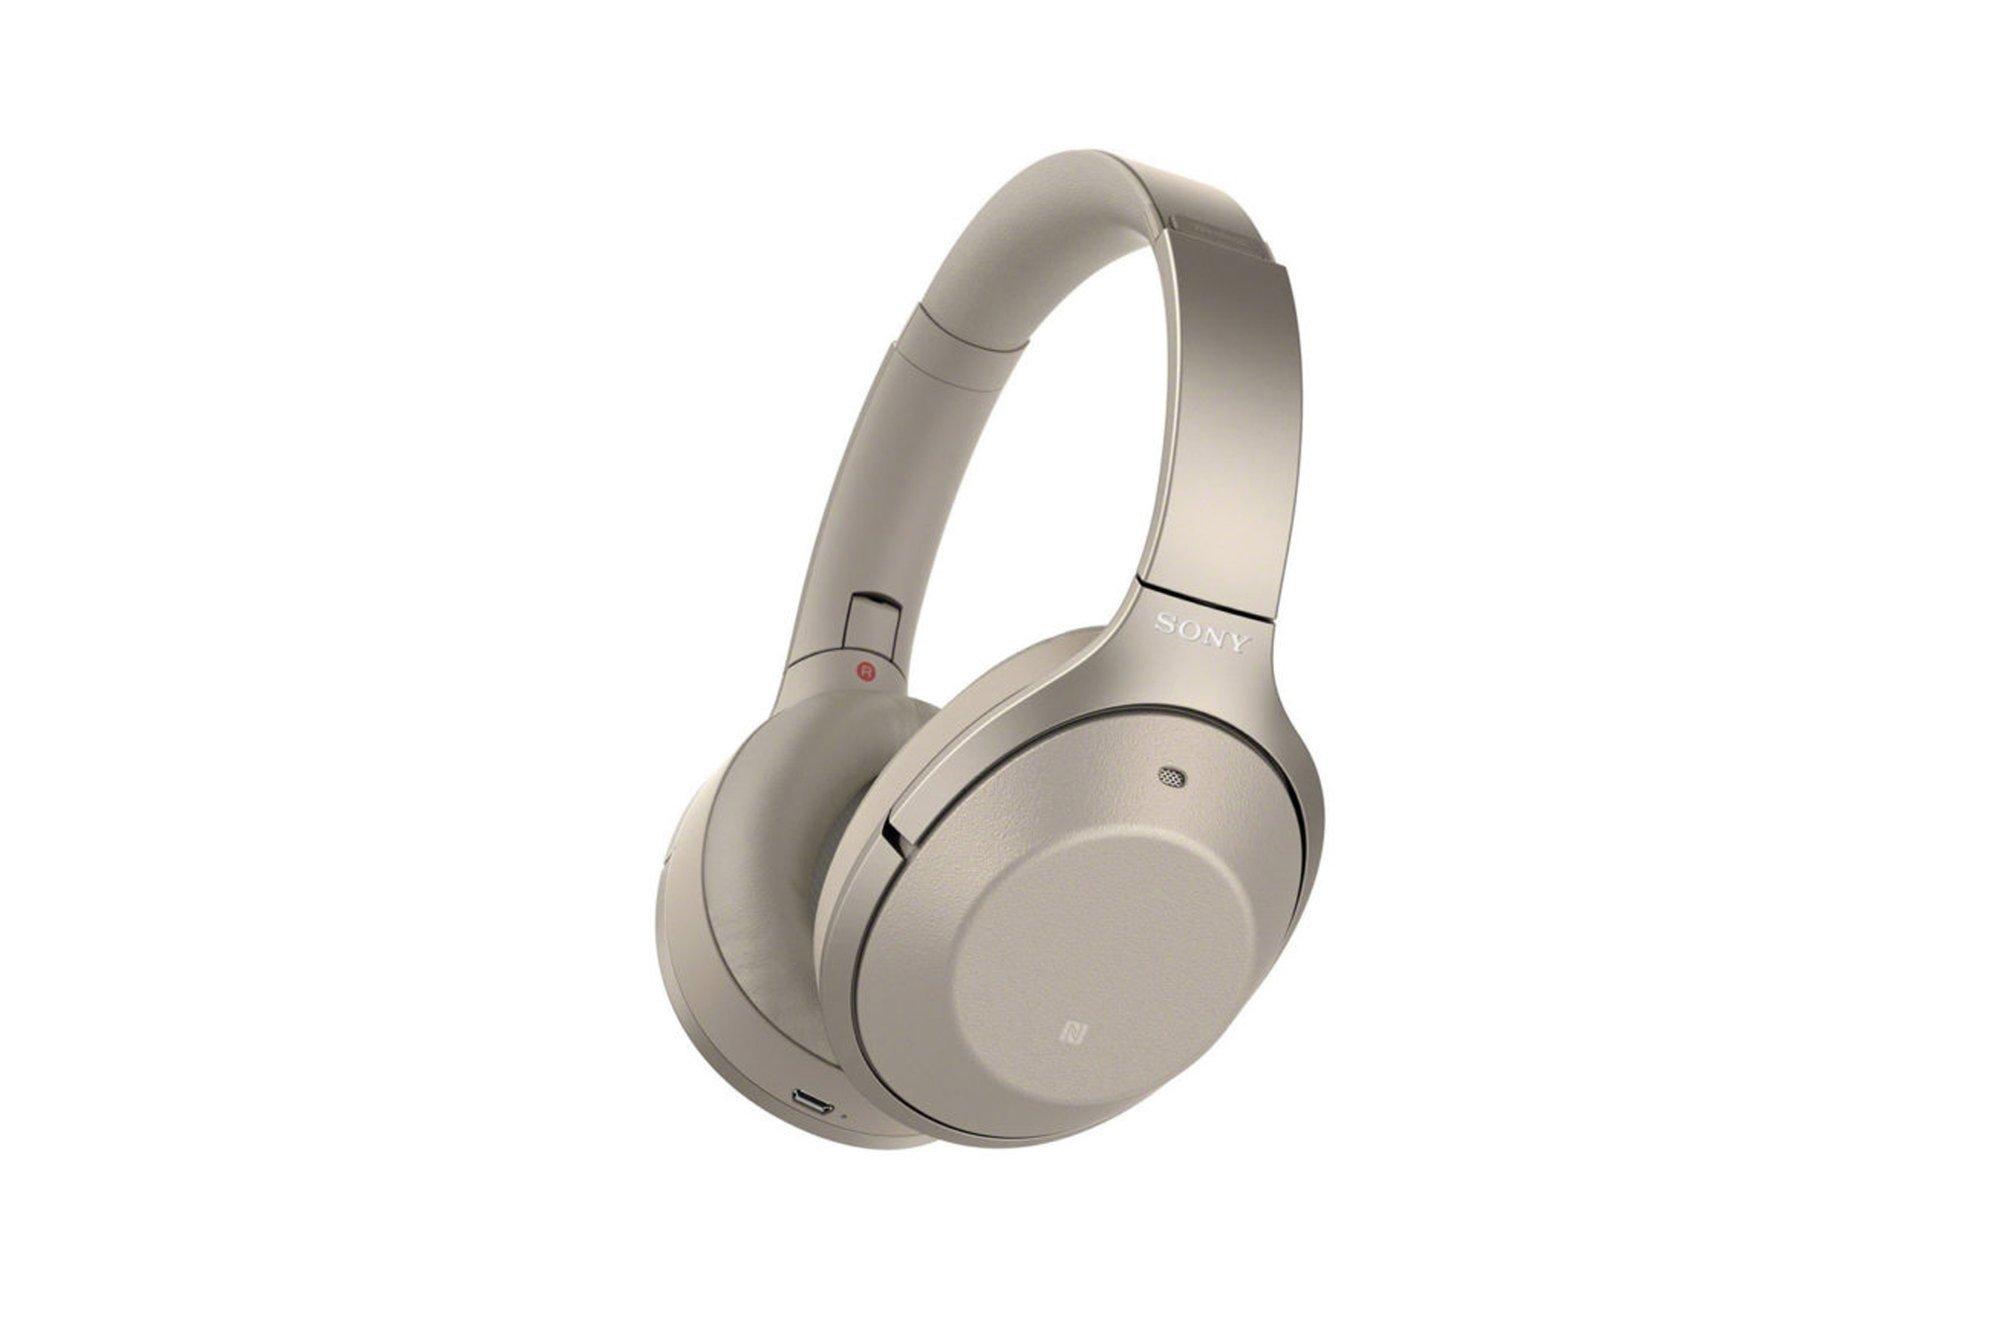 Sony WH1000XM2 Premium Wireless Noise Cancelling Headphones Black